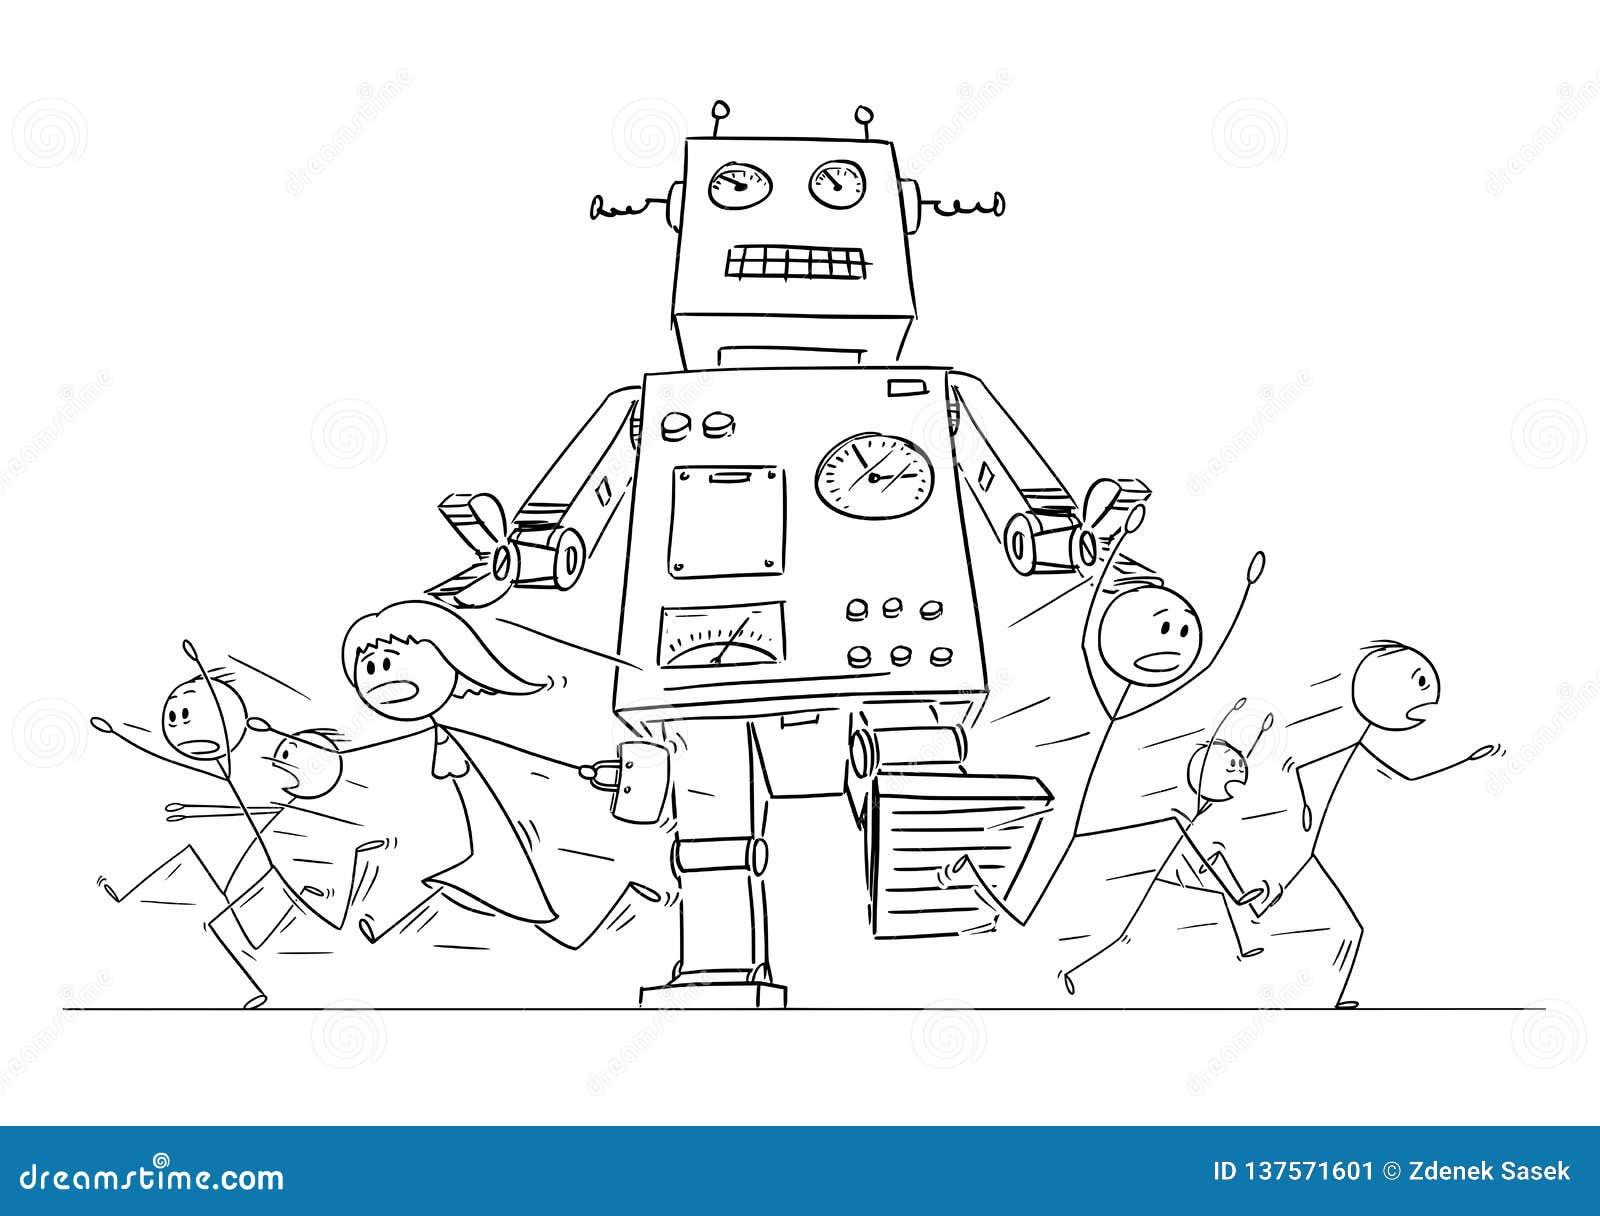 Σχέδιο κινούμενων σχεδίων του πλήθους των ανθρώπων που τρέχουν στον πανικό μακρυά από το γιγαντιαίο αναδρομικό ρομπότ